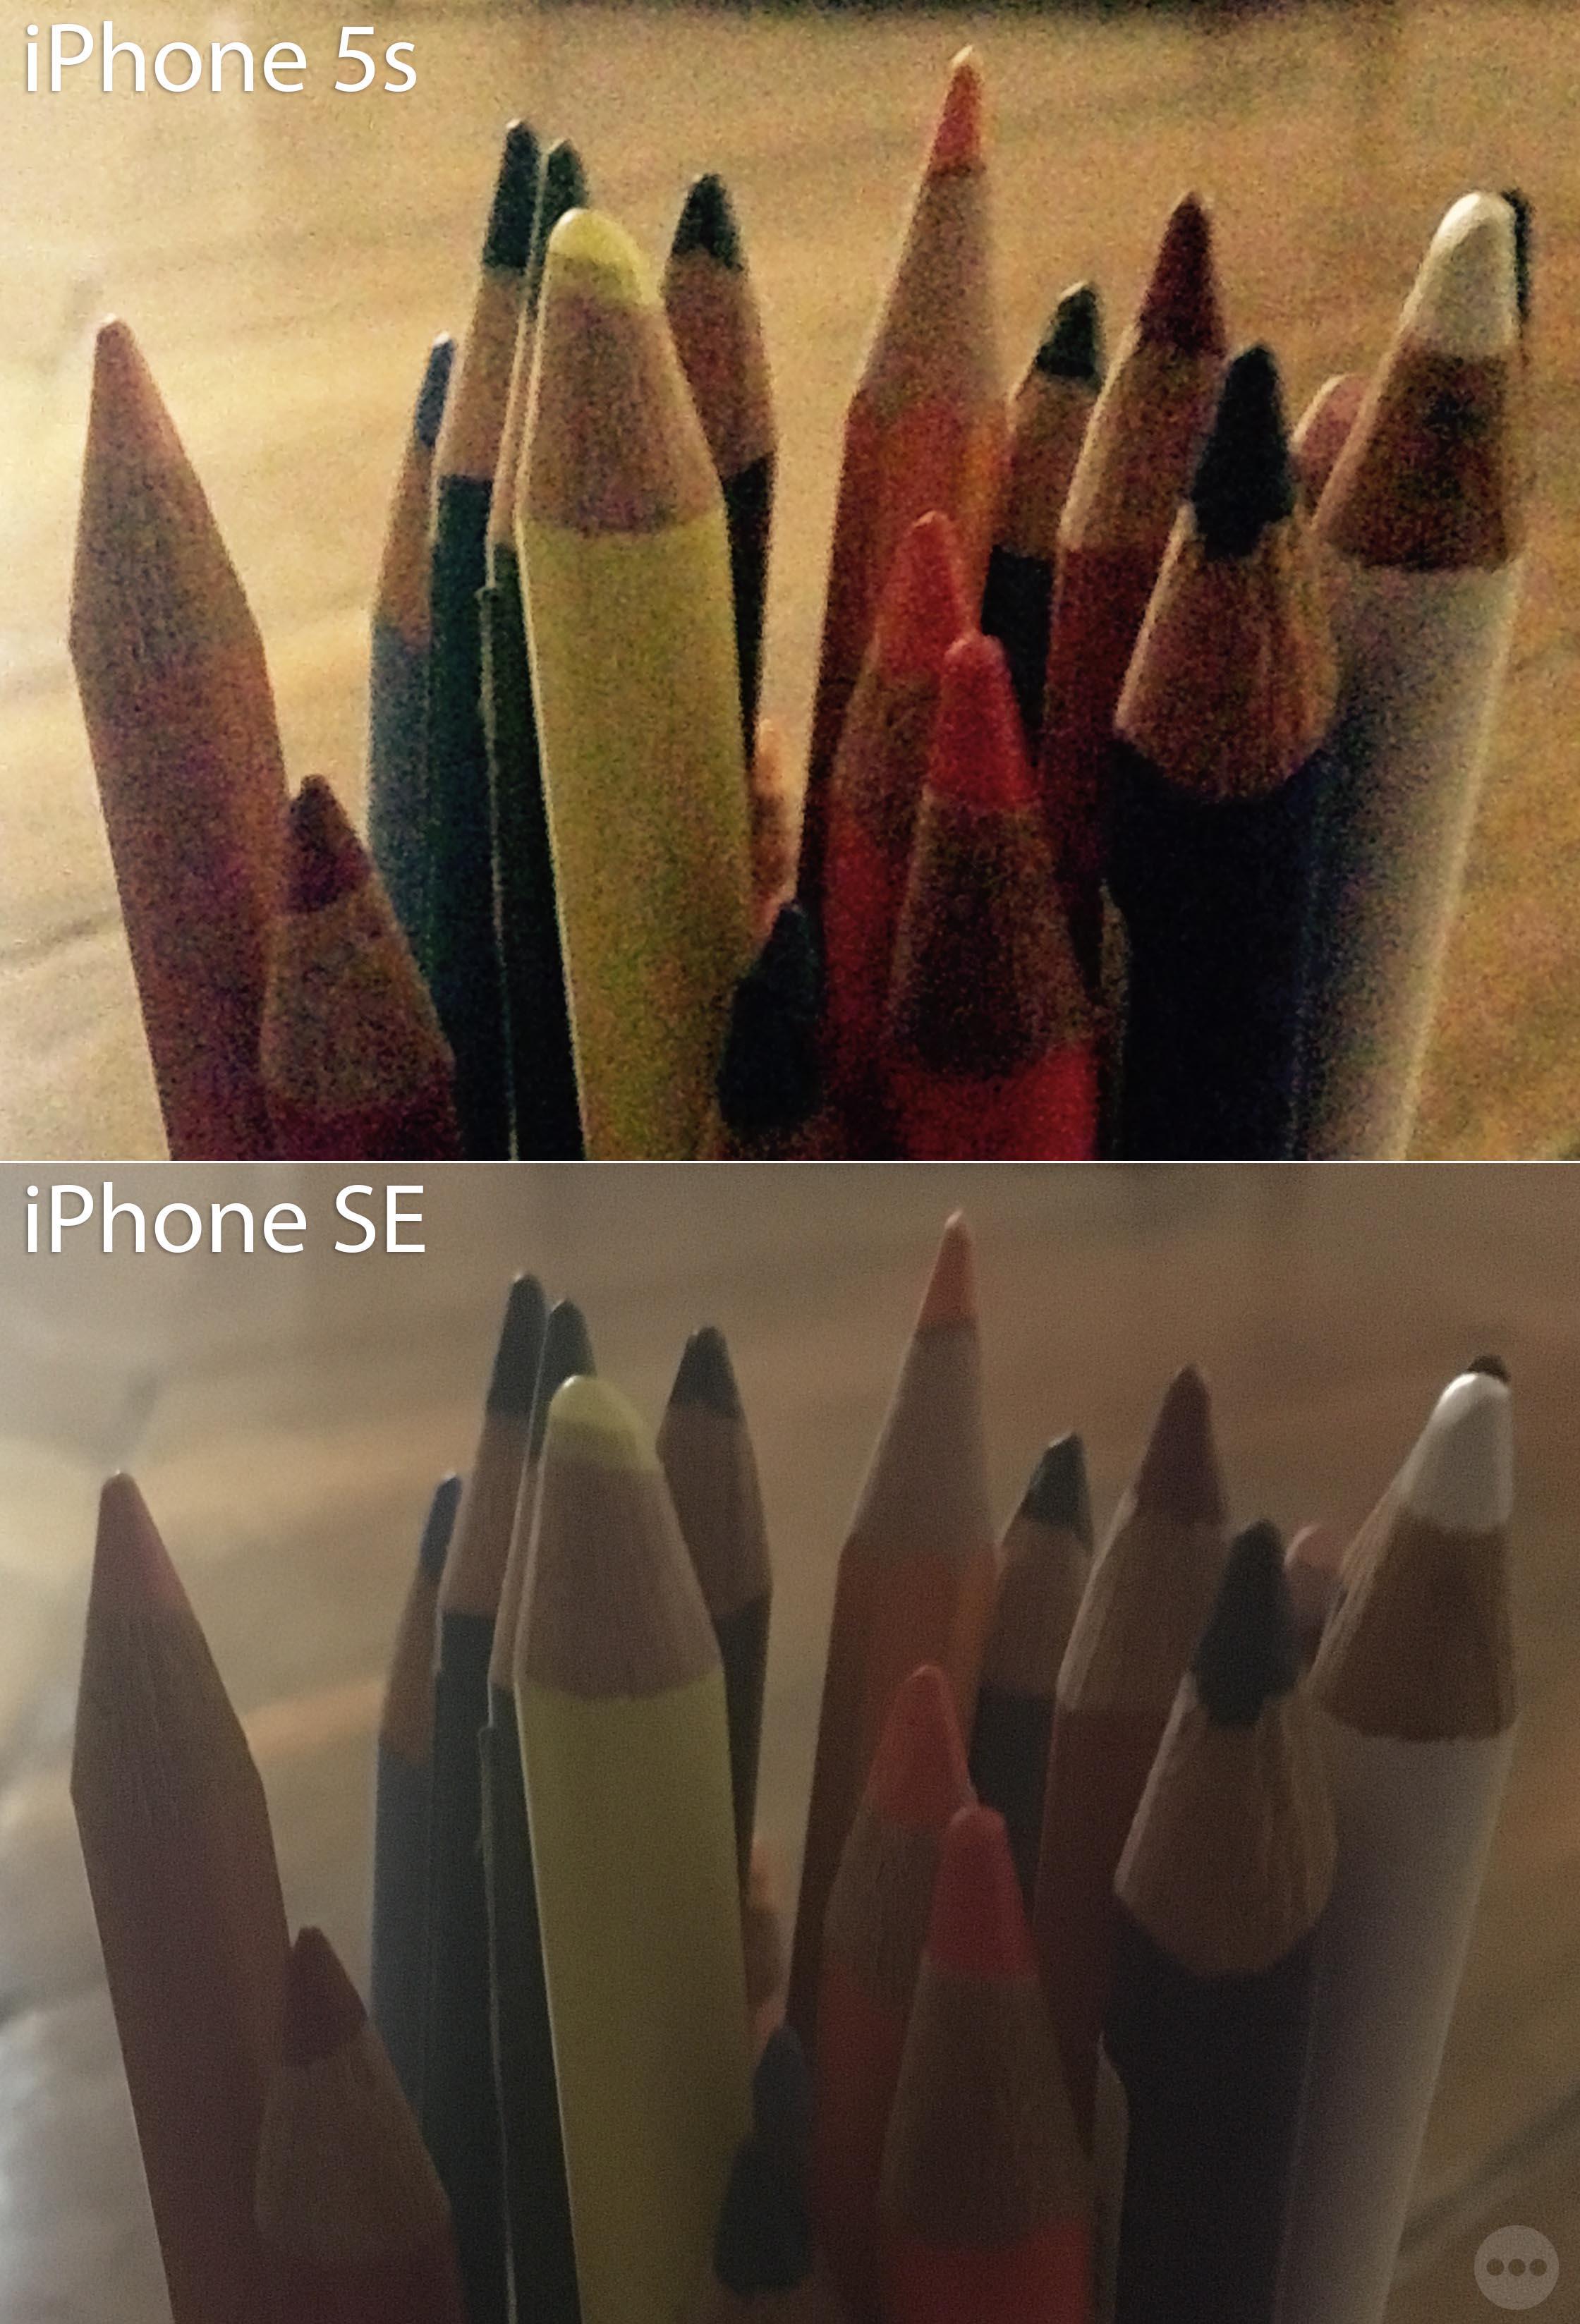 iPhone SE 5s comparaison